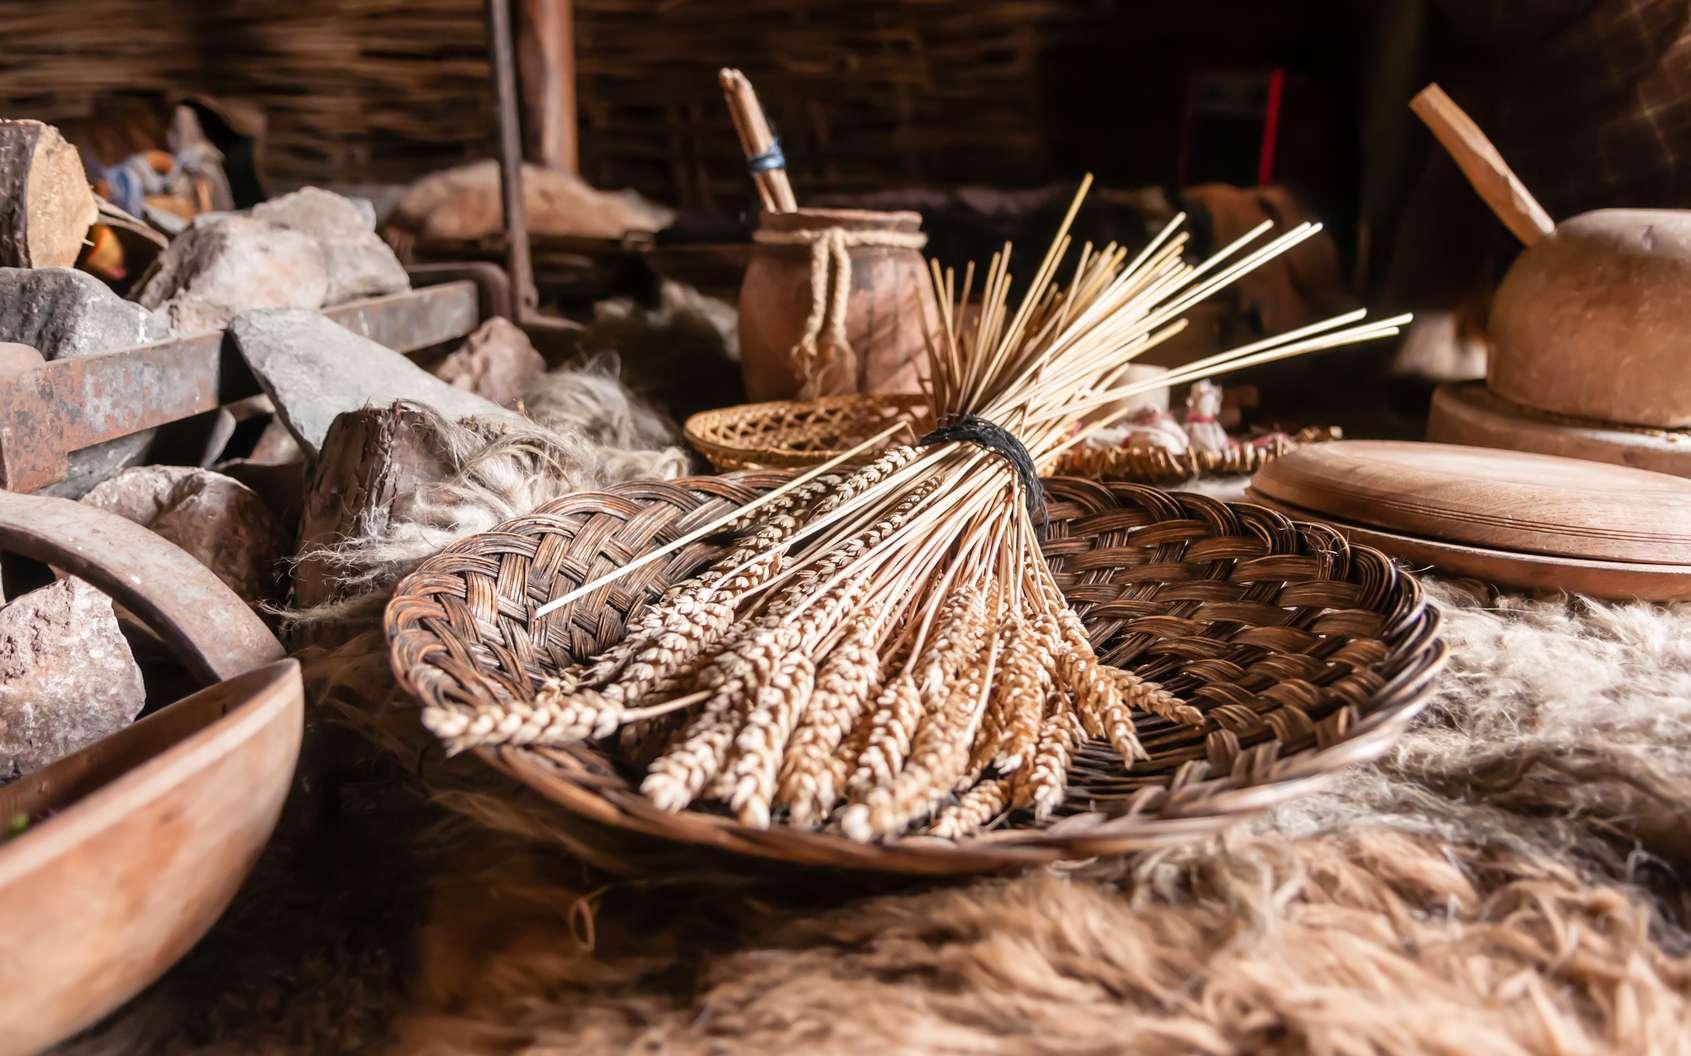 Au Néolithique, les humains ont appris des techniques pour transformer la nourriture, par exemple en la broyant, en la cuisant… © Stephen, fotolia